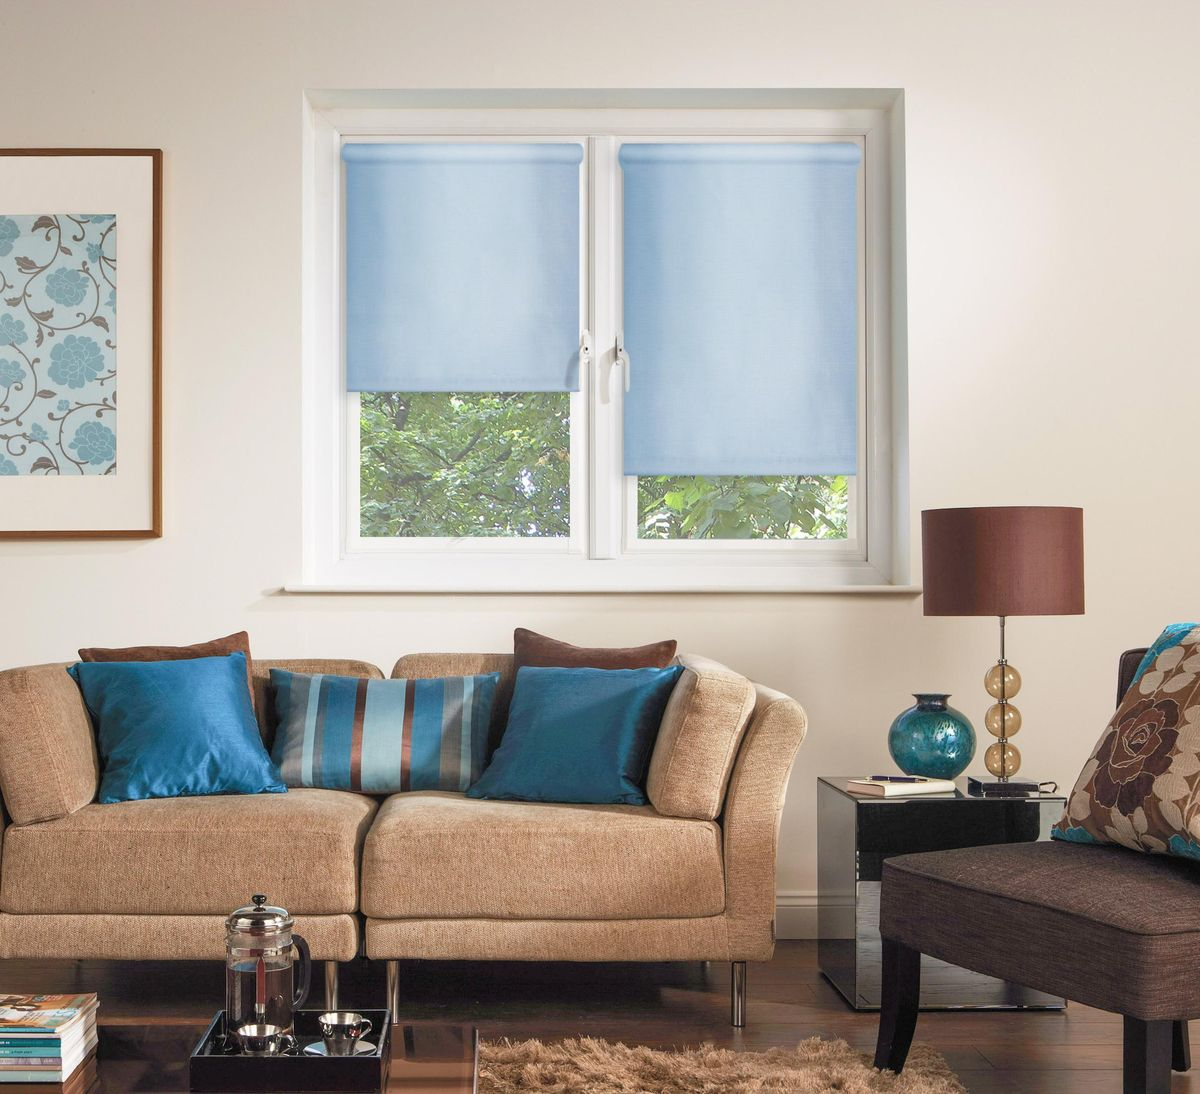 Штора рулонная Эскар, цвет: голубой, ширина 80 см, высота 170 см81005080170Рулонными шторами можно оформлять окна как самостоятельно, так и использовать в комбинации с портьерами. Это поможет предотвратить выгорание дорогой ткани на солнце и соединит функционал рулонных с красотой навесных.Преимущества применения рулонных штор для пластиковых окон:- имеют прекрасный внешний вид: многообразие и фактурность материала изделия отлично смотрятся в любом интерьере; - многофункциональны: есть возможность подобрать шторы способные эффективно защитить комнату от солнца, при этом о на не будет слишком темной. - Есть возможность осуществить быстрый монтаж. ВНИМАНИЕ! Размеры ширины изделия указаны по ширине ткани!Во время эксплуатации не рекомендуется полностью разматывать рулон, чтобы не оторвать ткань от намоточного вала.В случае загрязнения поверхности ткани, чистку шторы проводят одним из способов, в зависимости от типа загрязнения: легкое поверхностное загрязнение можно удалить при помощи канцелярского ластика; чистка от пыли производится сухим методом при помощи пылесоса с мягкой щеткой-насадкой; для удаления пятна используйте мягкую губку с пенообразующим неагрессивным моющим средством или пятновыводитель на натуральной основе (нельзя применять растворители).